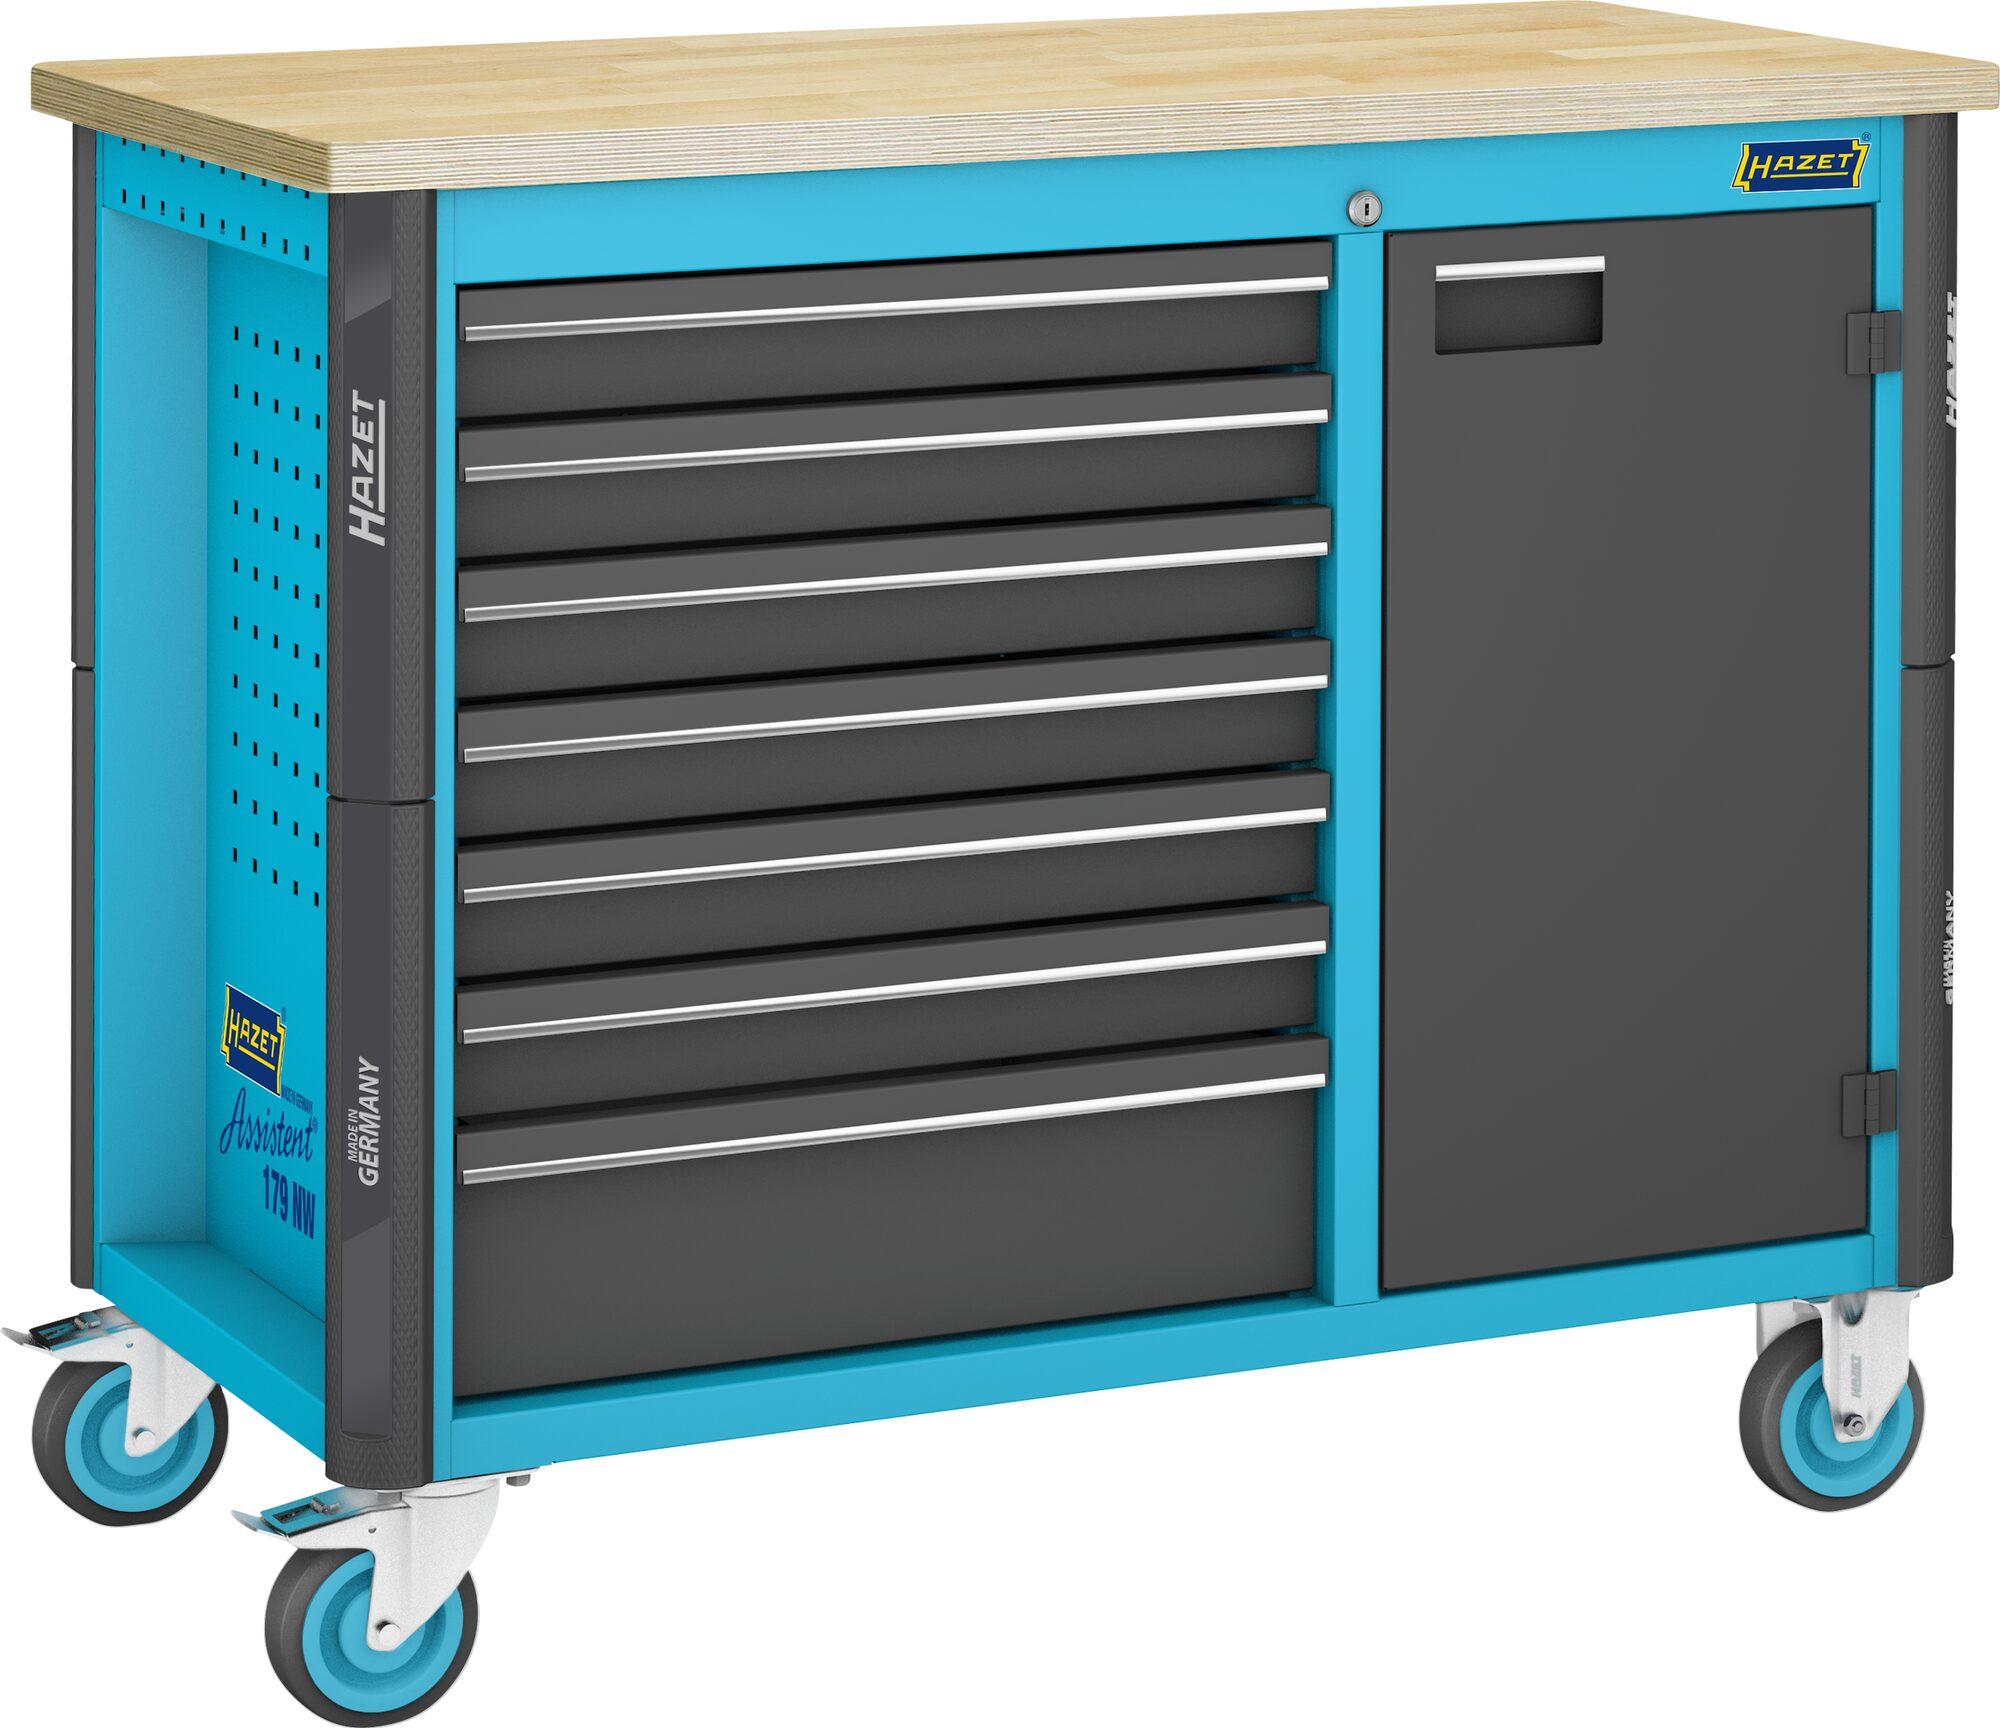 HAZET Fahrbare Werkbank 179NW-7 ∙ Schubladen, flach: 6x 81x522x398 mm